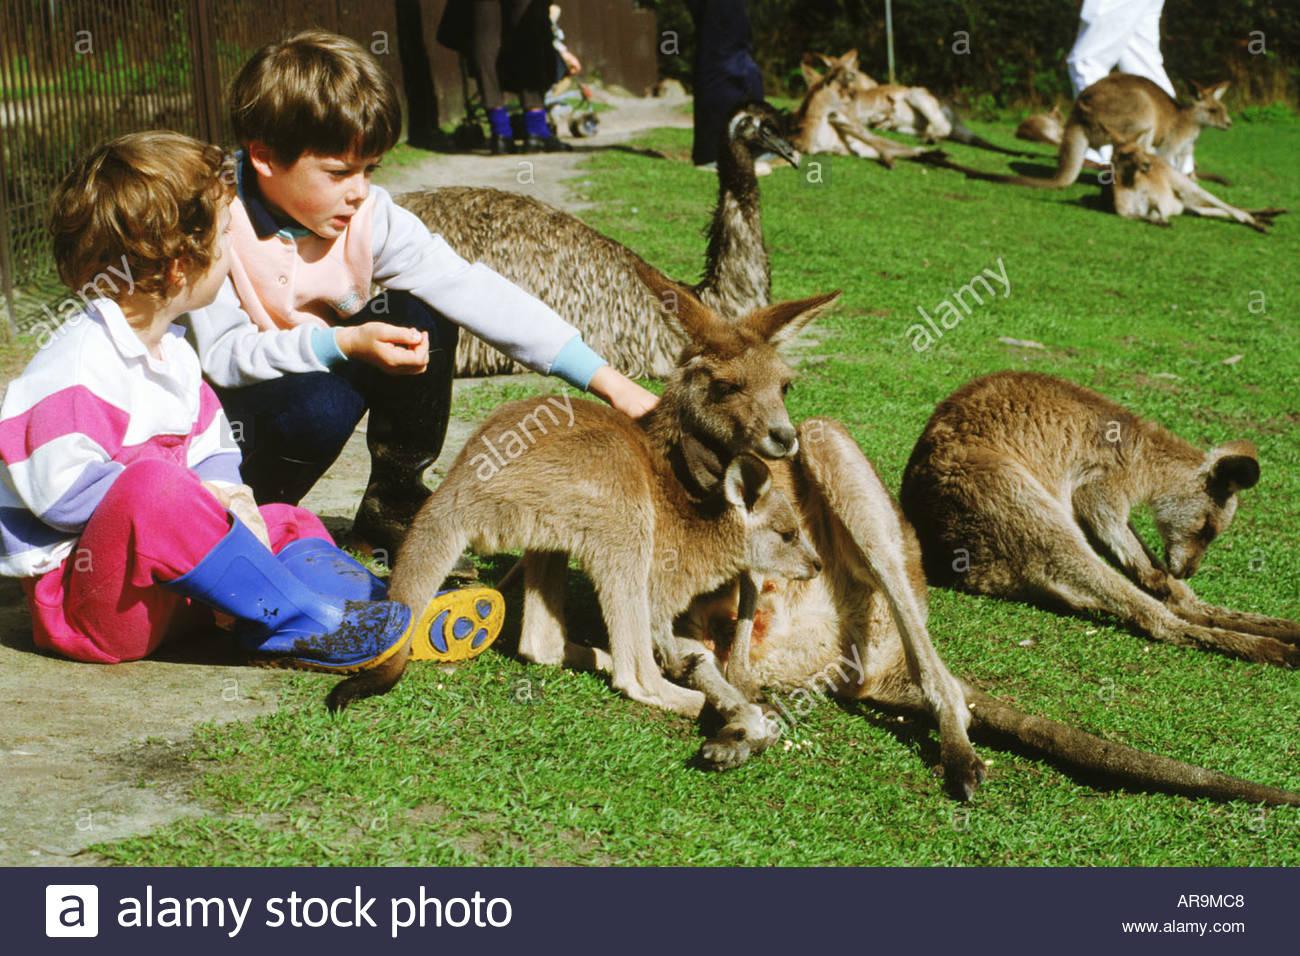 Young Kangaroo Stock Photos & Young Kangaroo Stock Images.